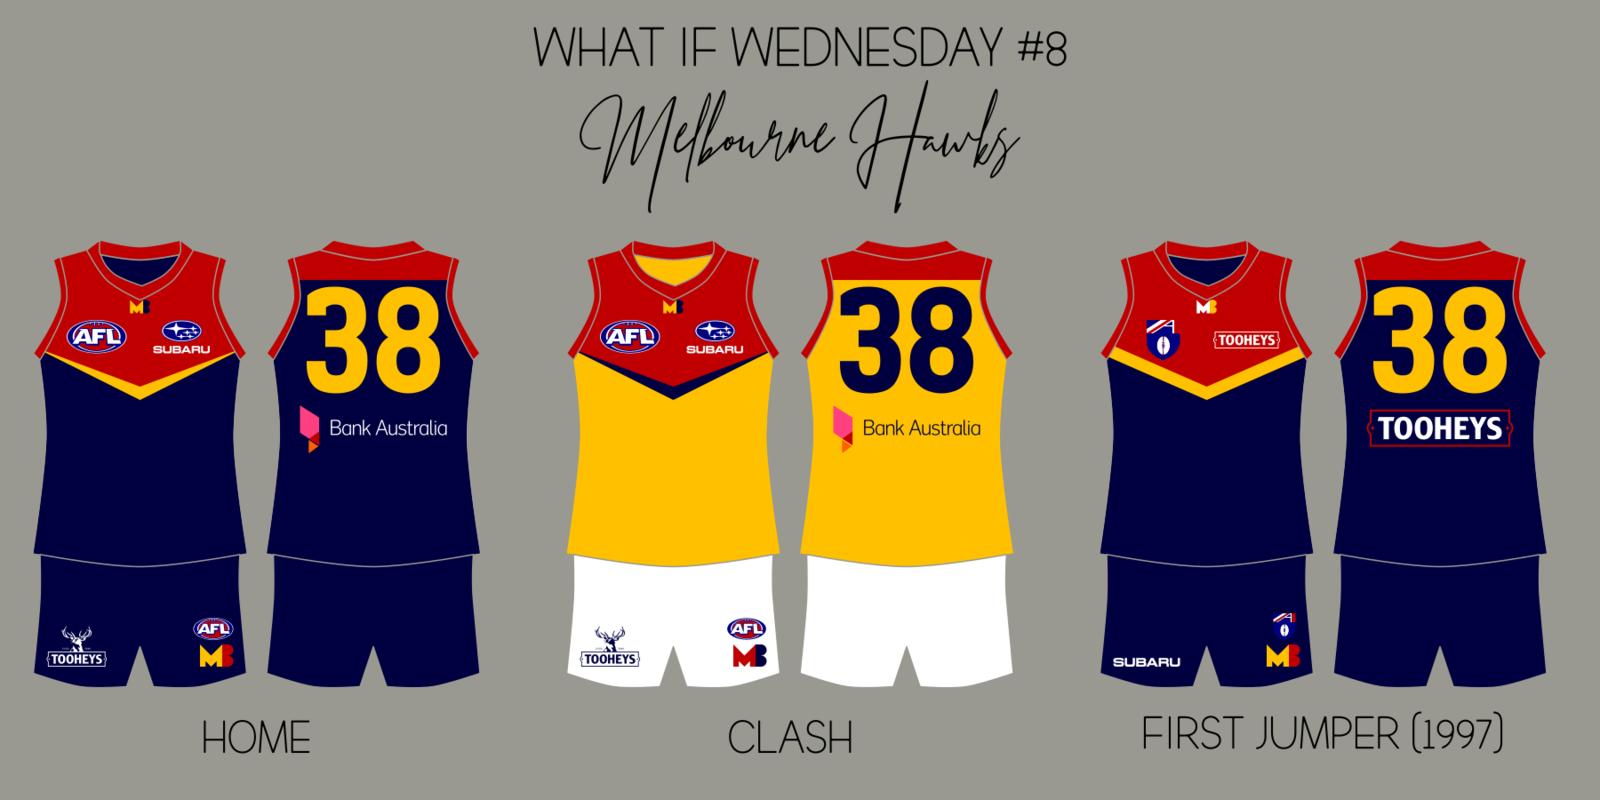 08 Melbourne Hawks.png